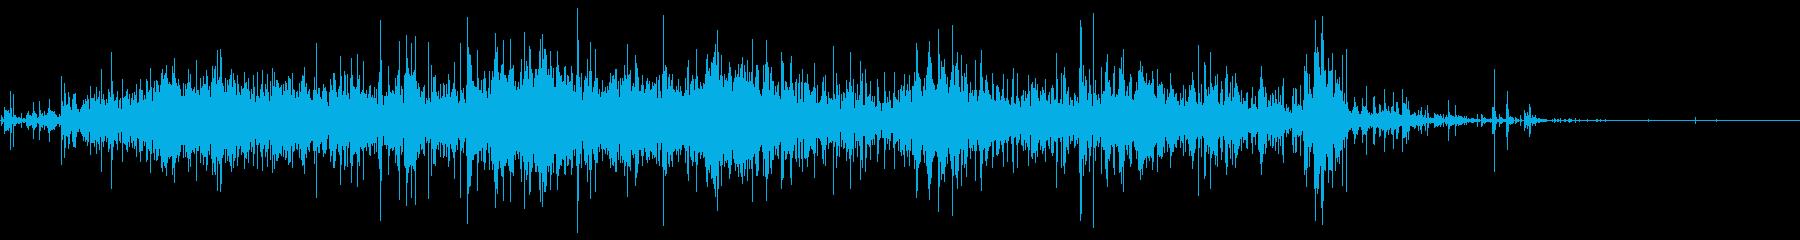 ジャンクパイルのウッドロックソルトの再生済みの波形